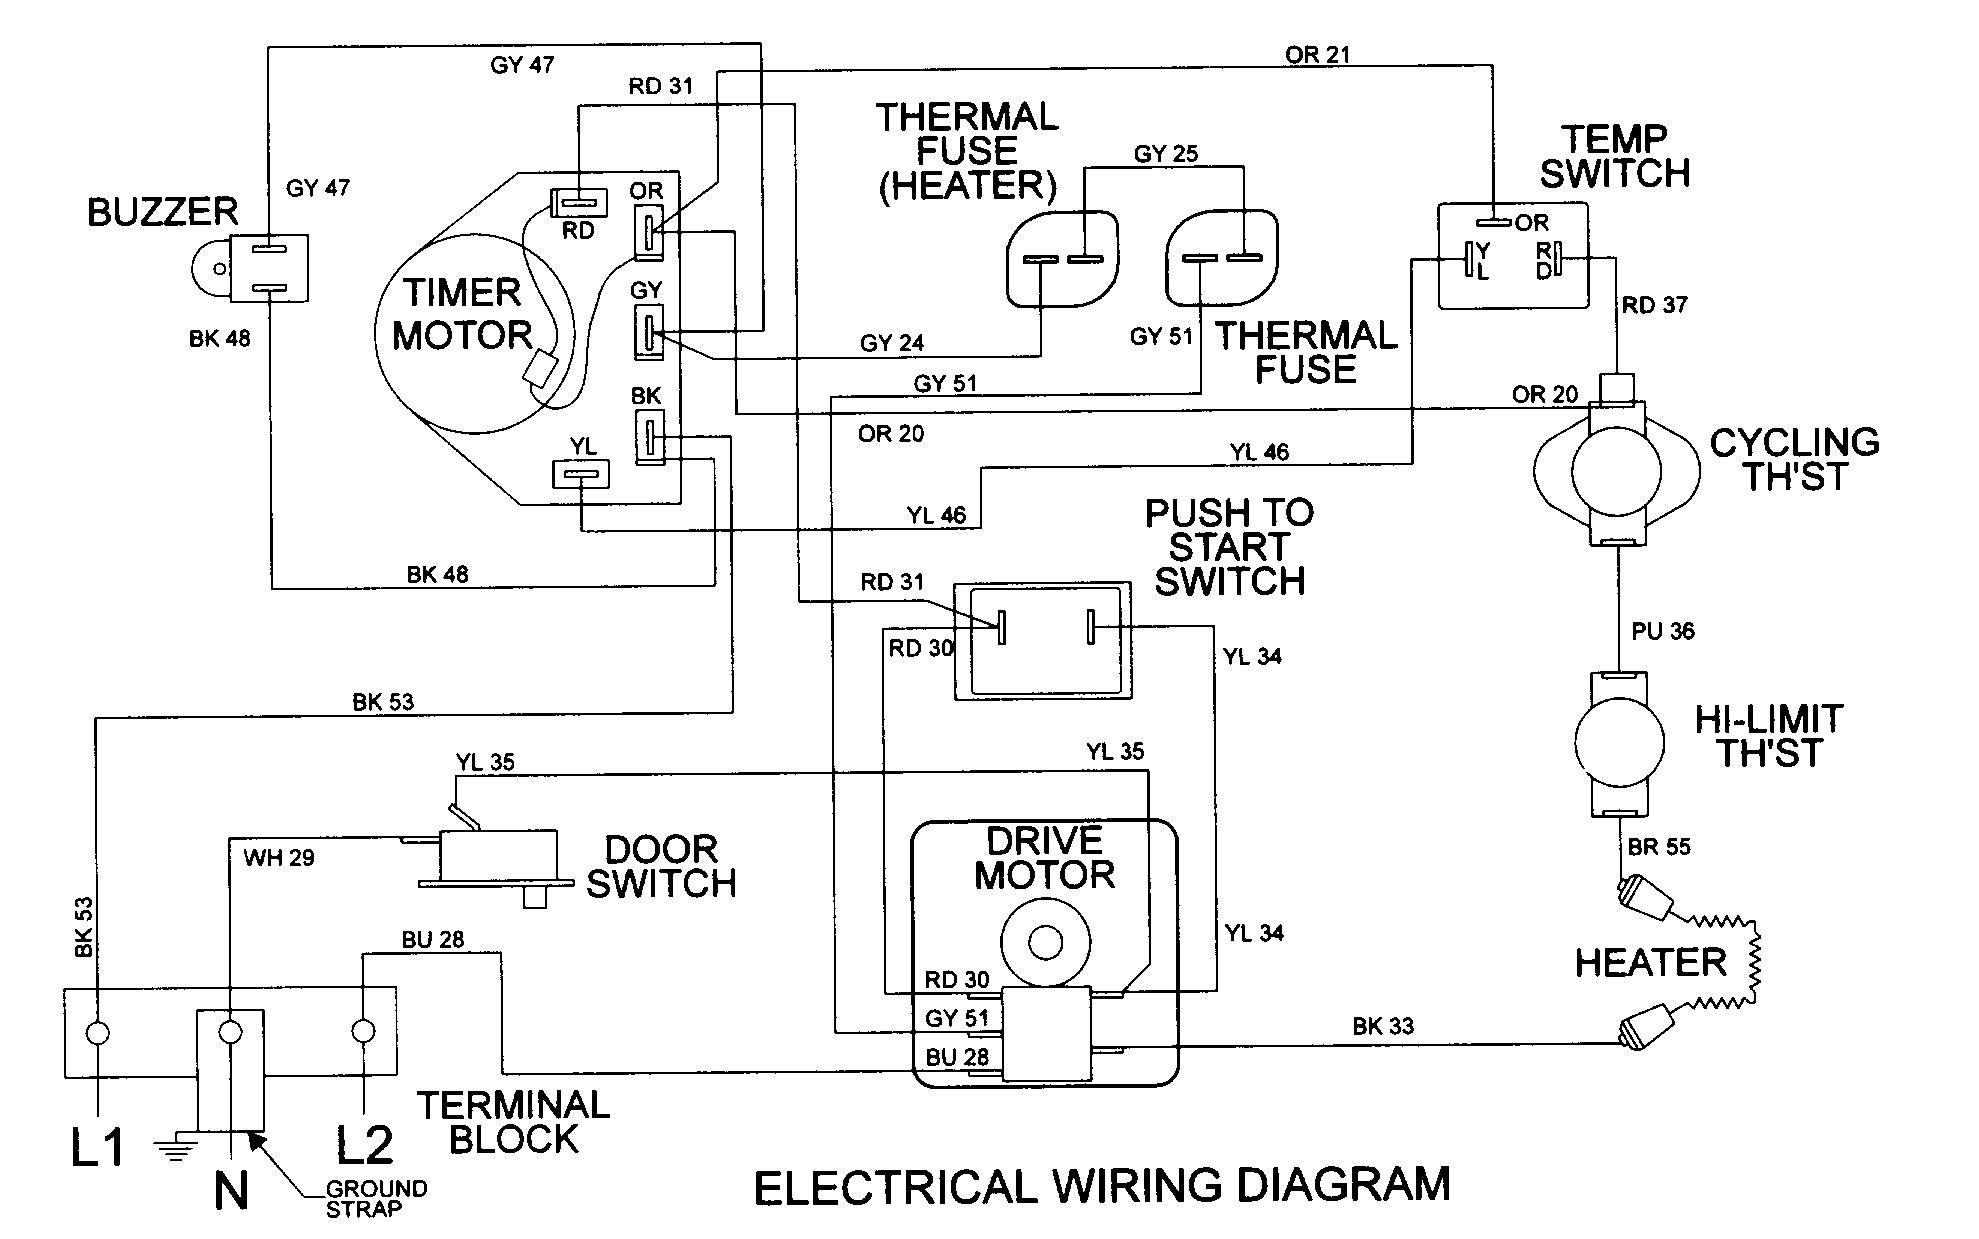 maytag refrigerator thermostat schematic diagram 2000 dodge caravan belt dryer wiring photos